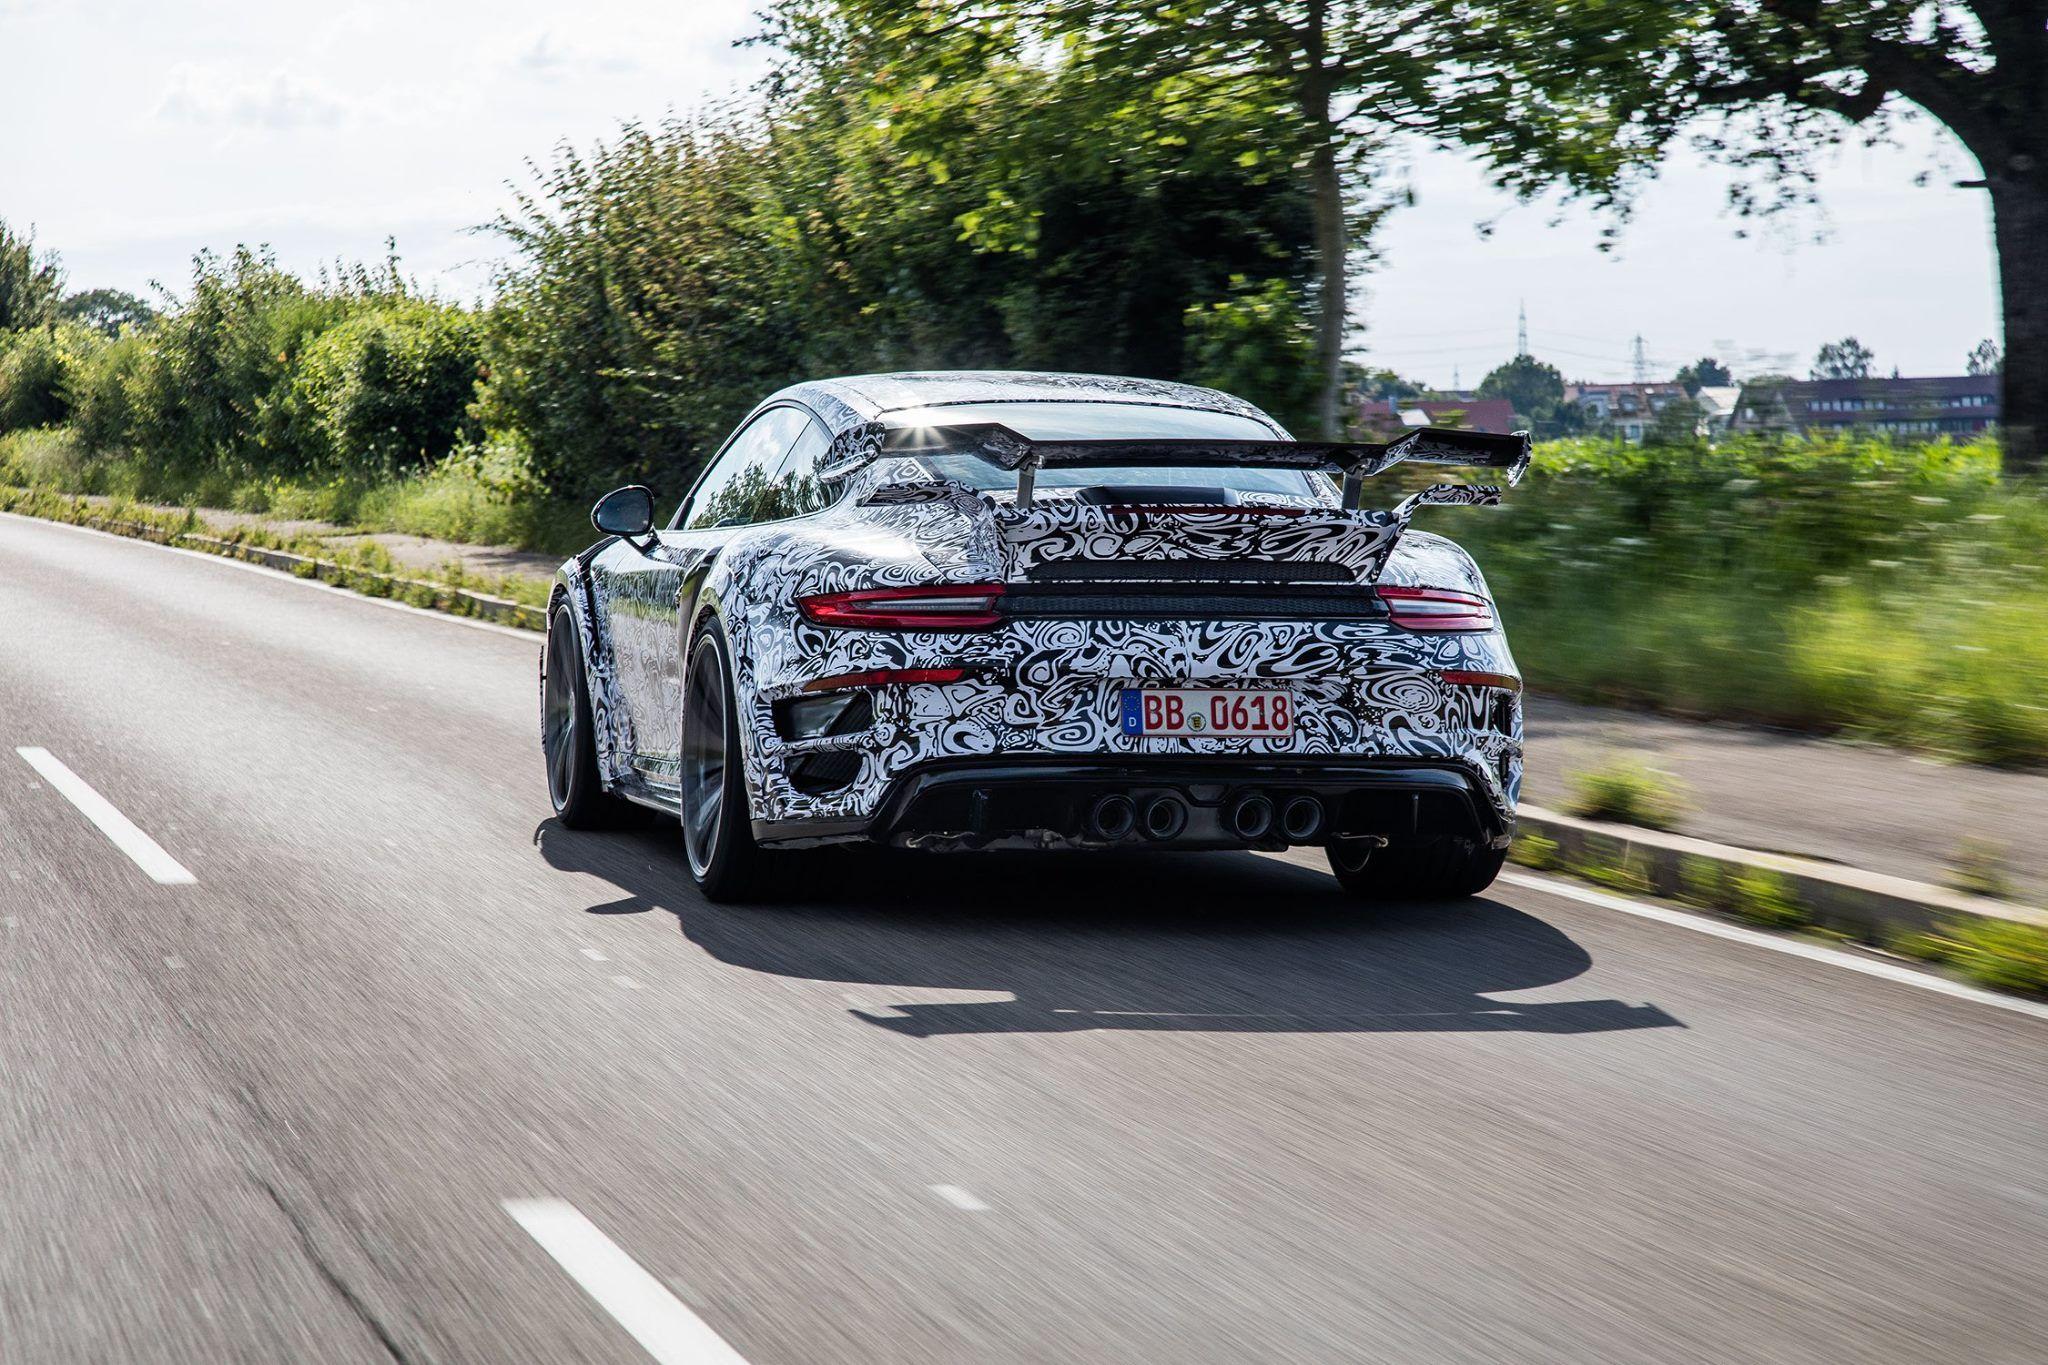 2323b8910f8408d4ea4bcf9c38b49728 Exciting Porsche 911 Gt2 La Centrale Cars Trend